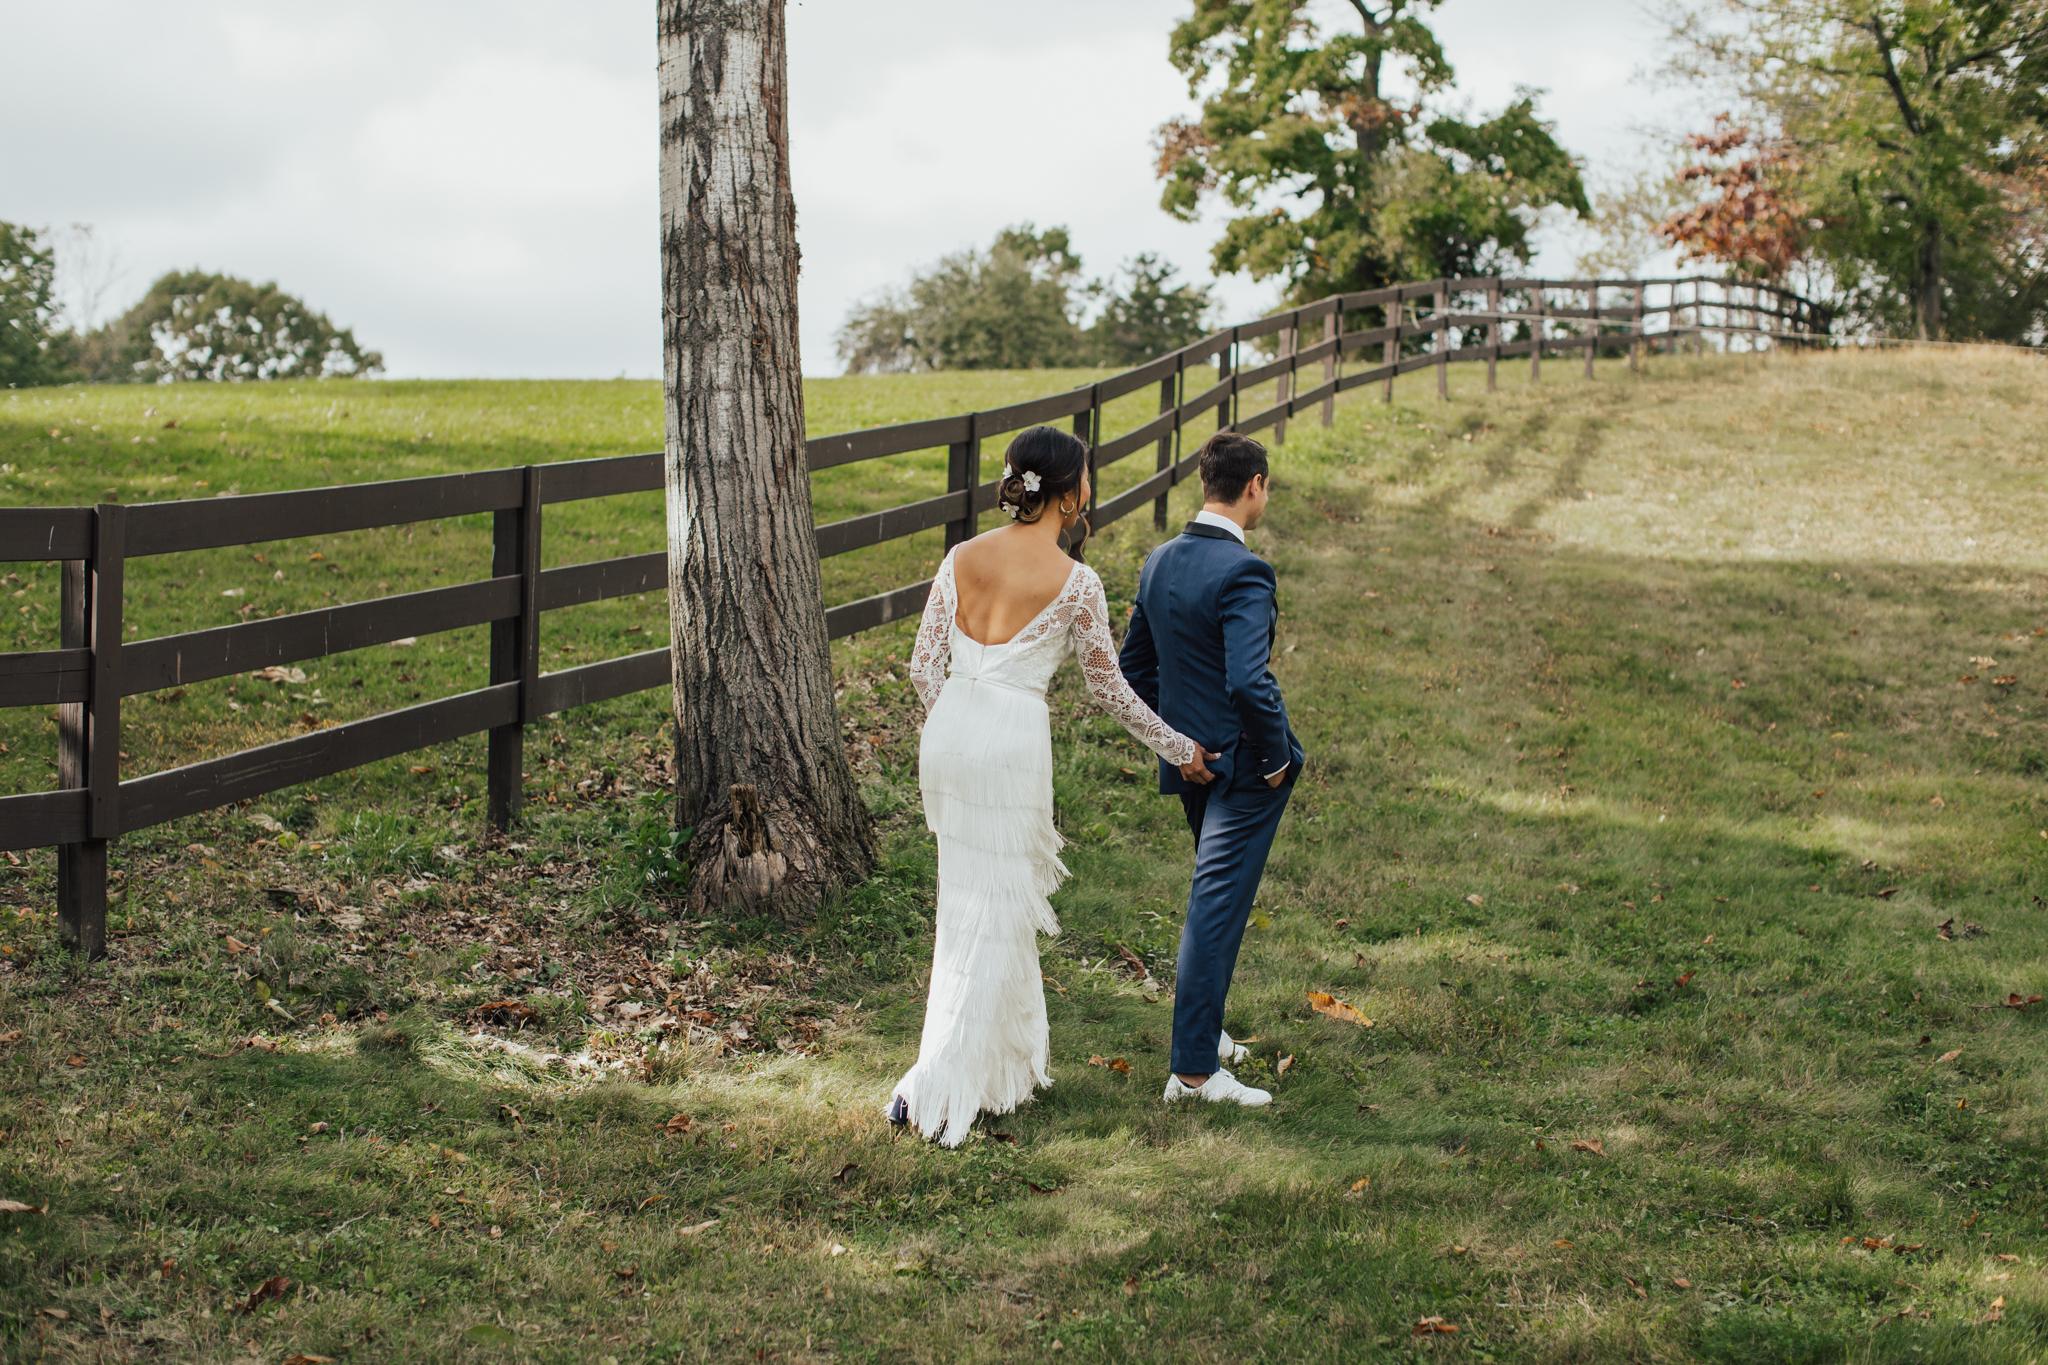 new york nature weddings